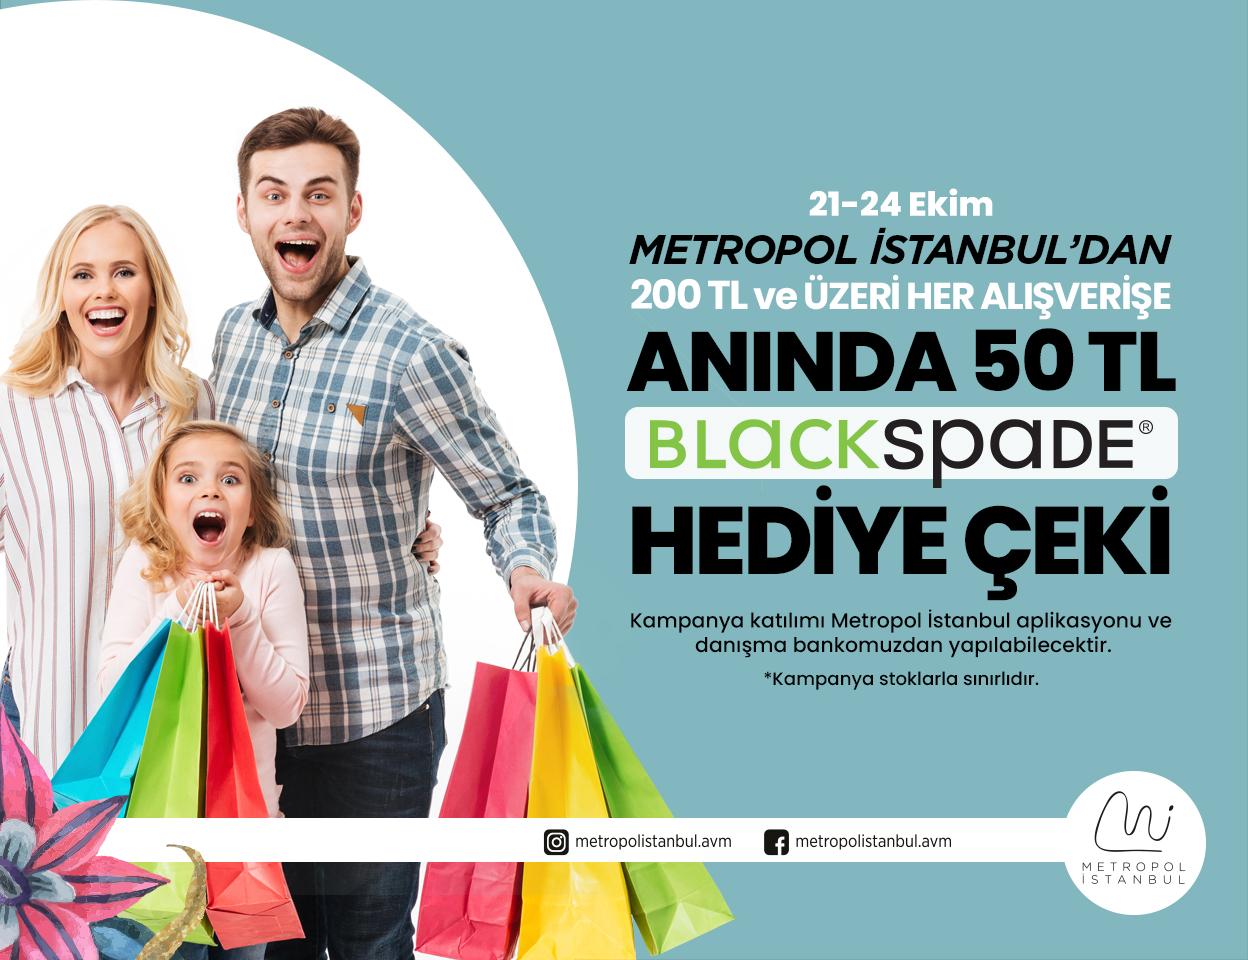 ALIŞVERİŞİN TADINI METROPOL İSTANBUL'DA ÇIKARAN HERKES MODANIN TREND MARKASI BLACKSPADE'DEN HEDİYE ÇEKİ KAZANIYOR